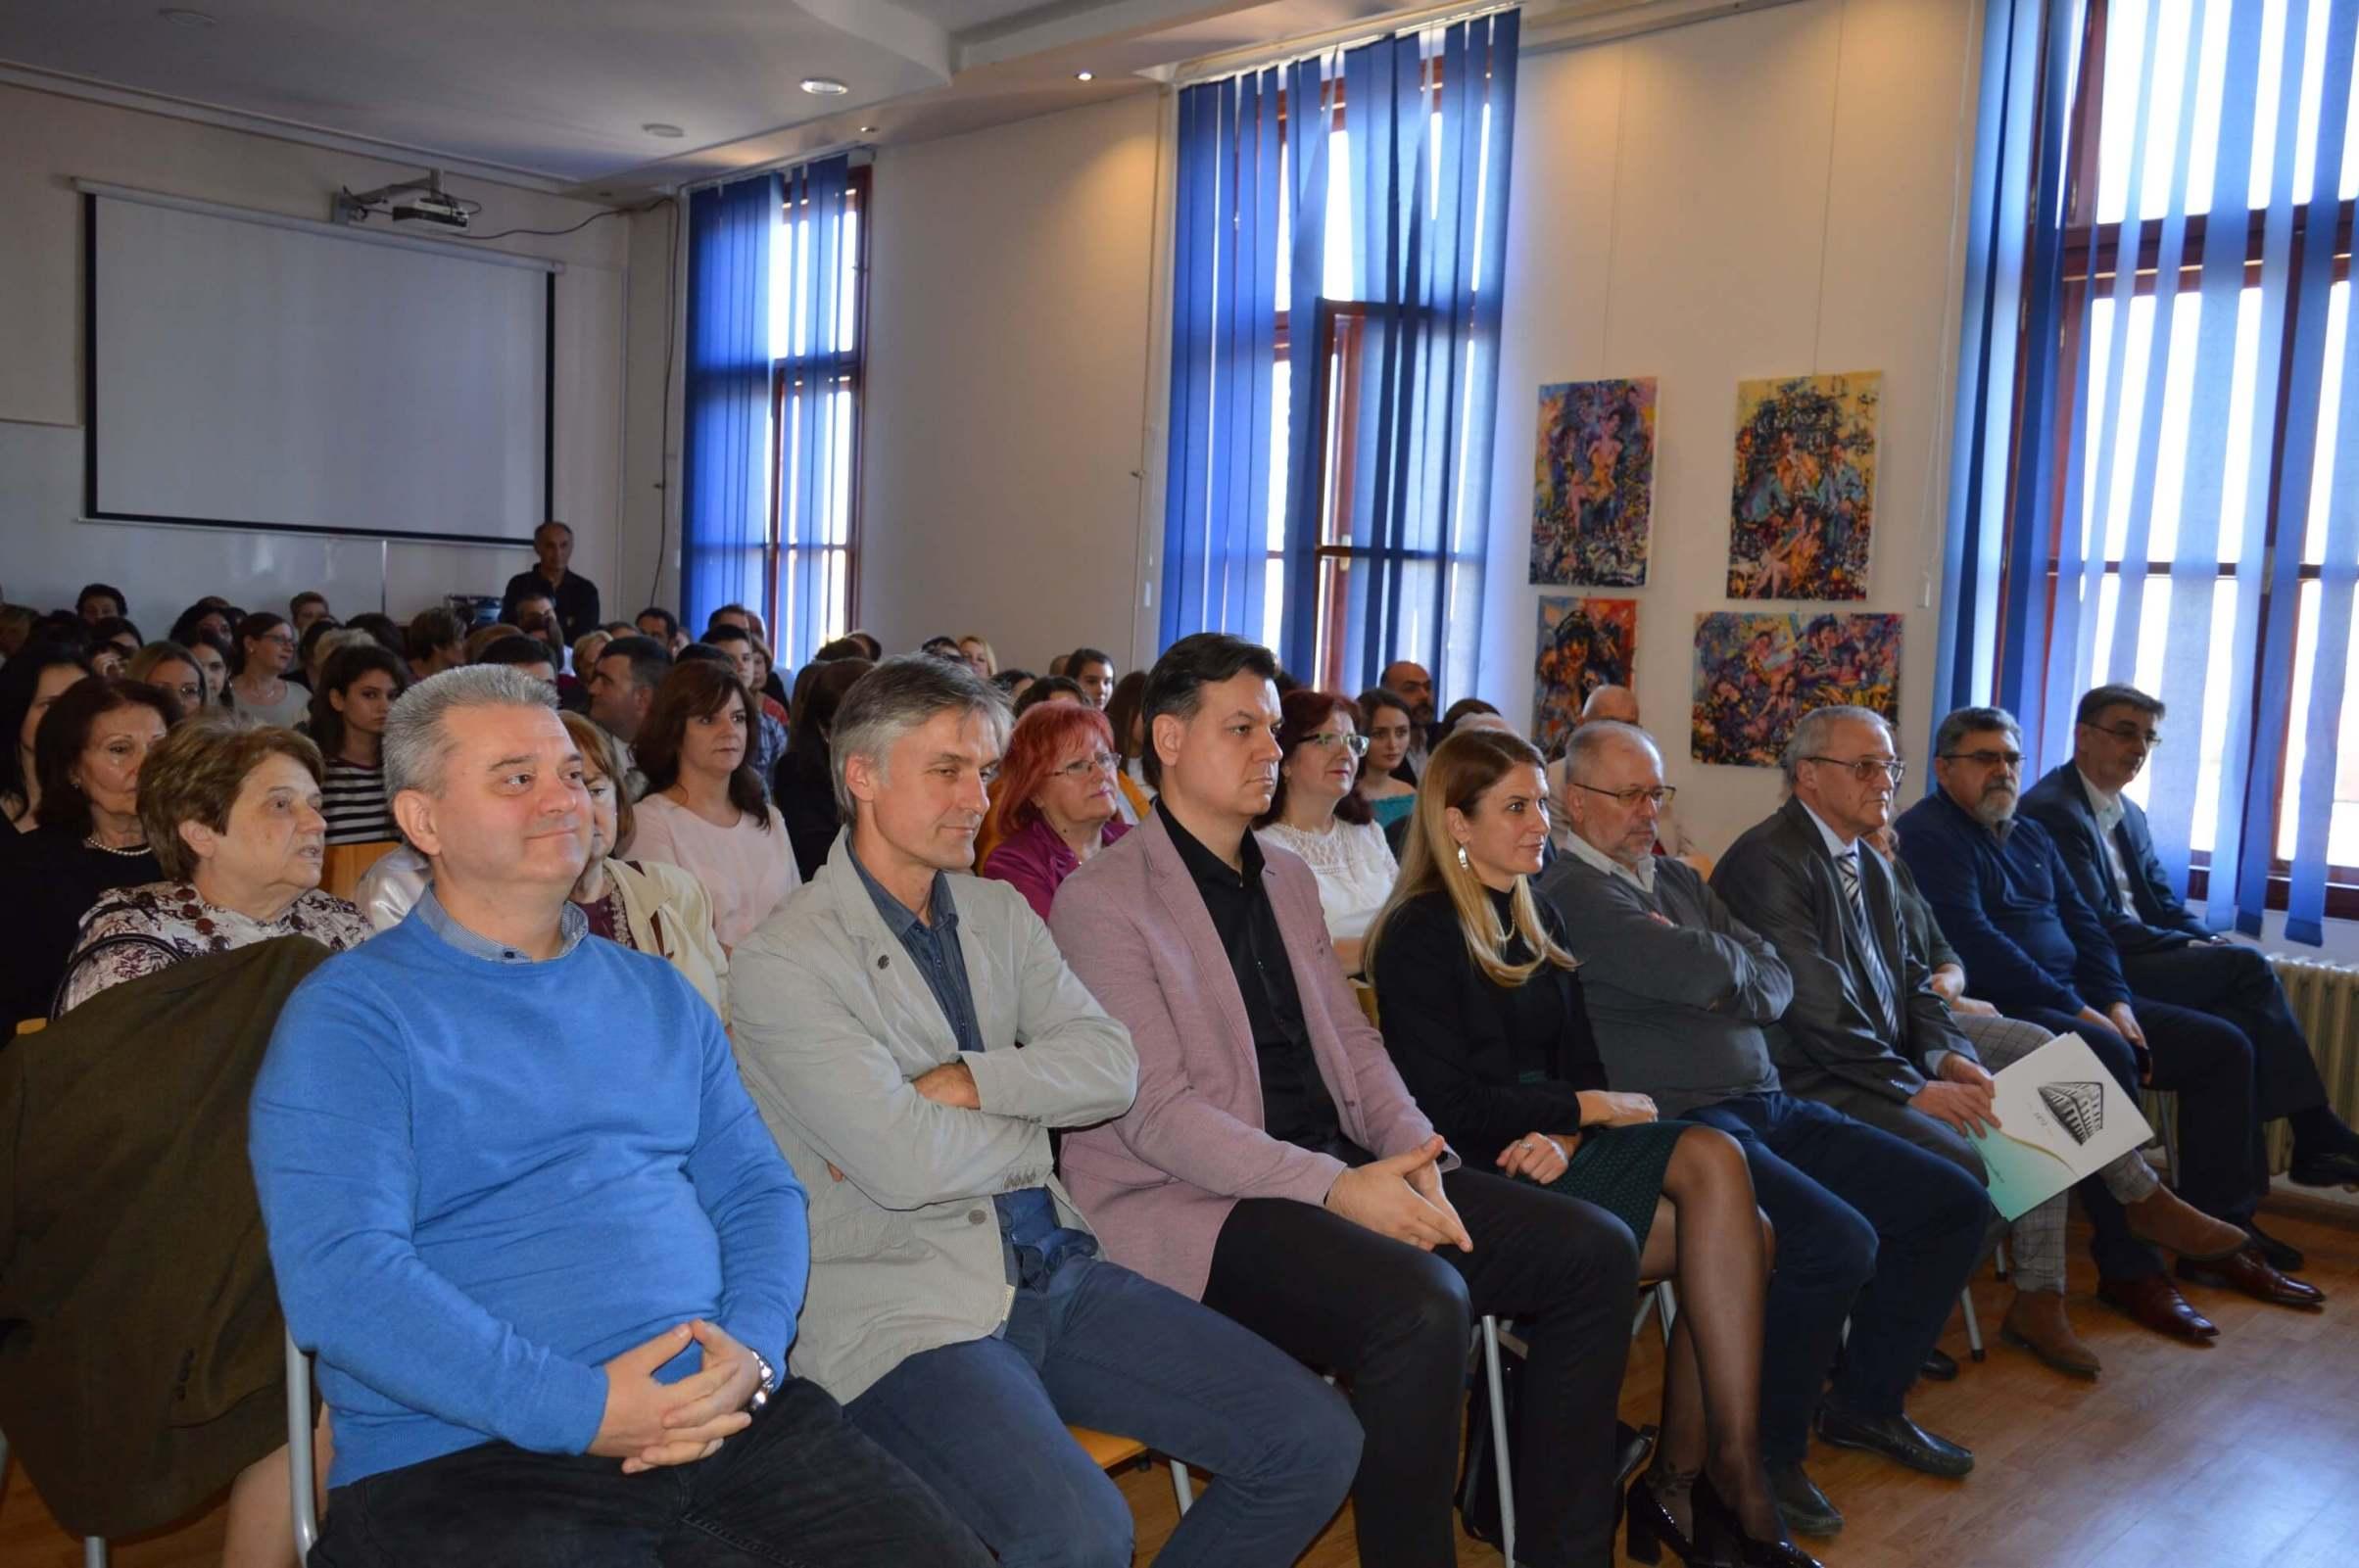 Председник савета за безбедност саобраћаја, заменик градоначелнице Антонио Ратковић представио је рад Савета